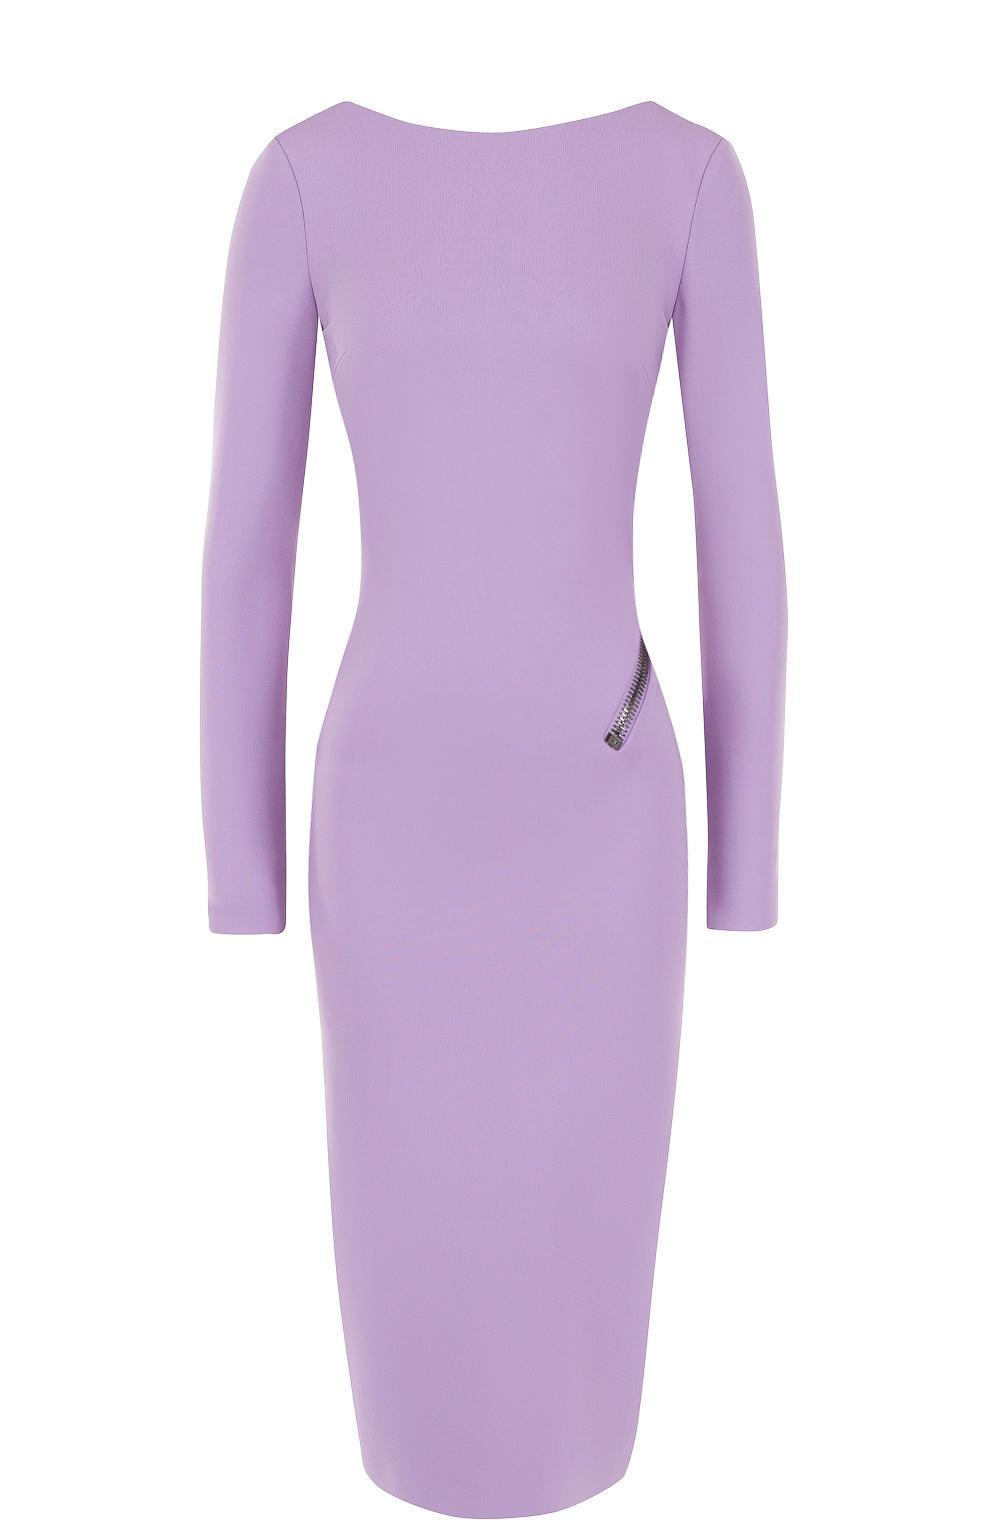 8638e3b058f Женское сиреневое платье-футляр с открытой спиной TOM FORD ...